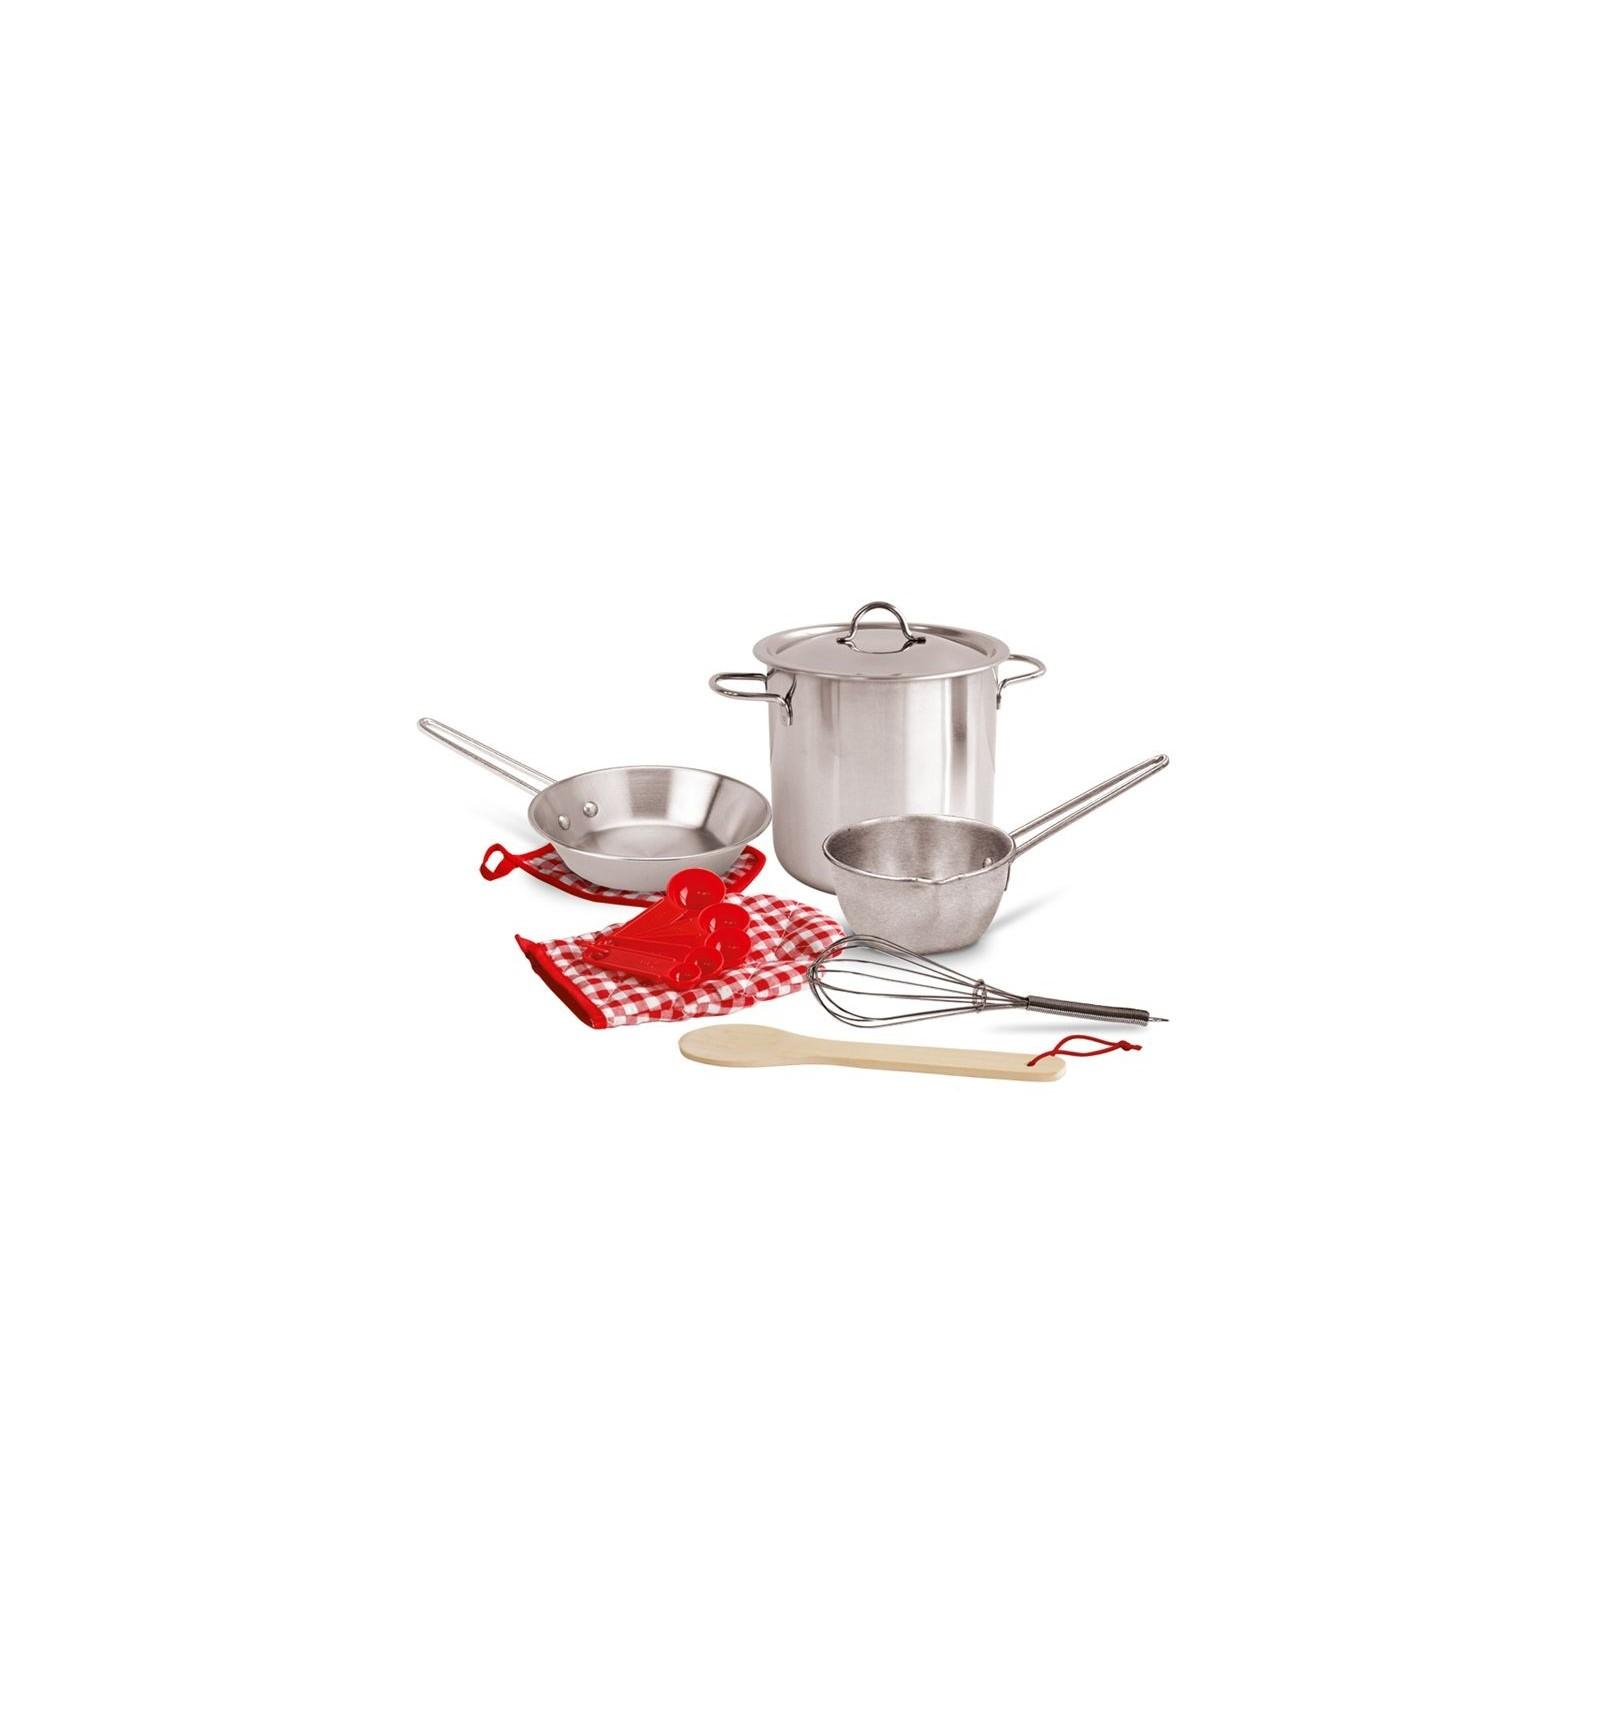 Utensilios de cocina 13 pzs 1515 juguetes de imitaci n for Utensilios de cocina mickey